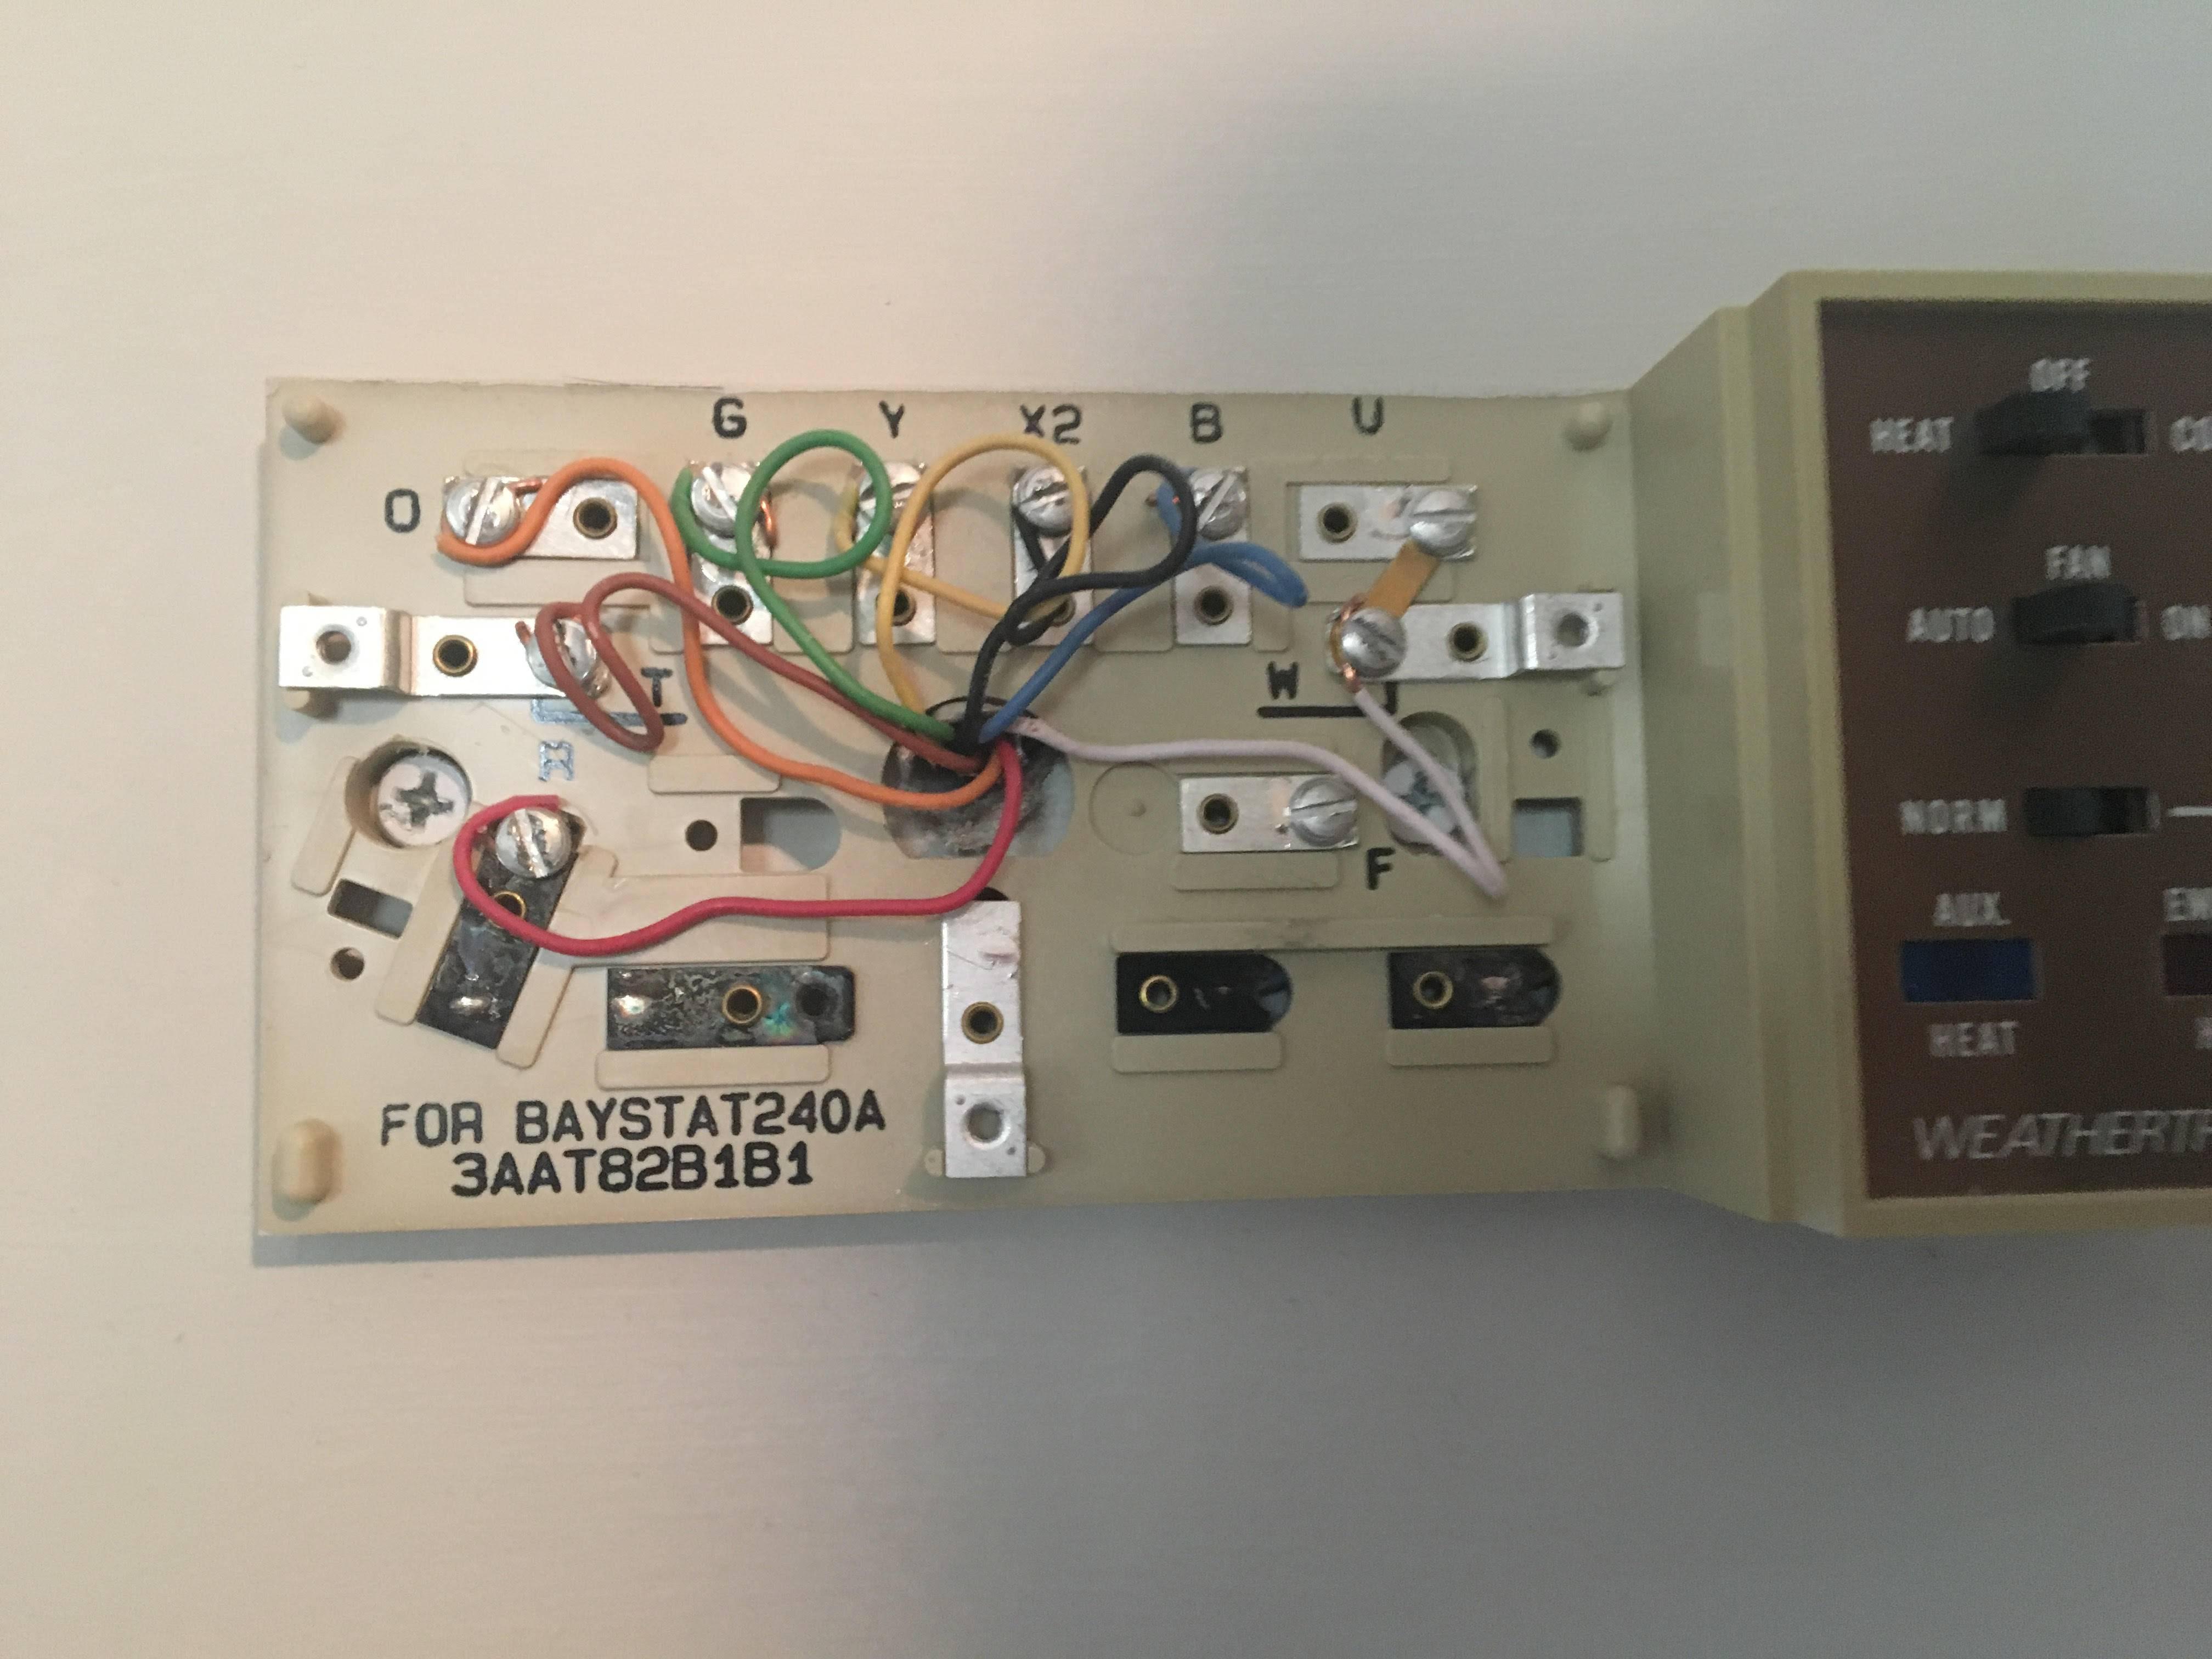 Trane Weathertron Baystat 239 Thermostat Wiring Diagram